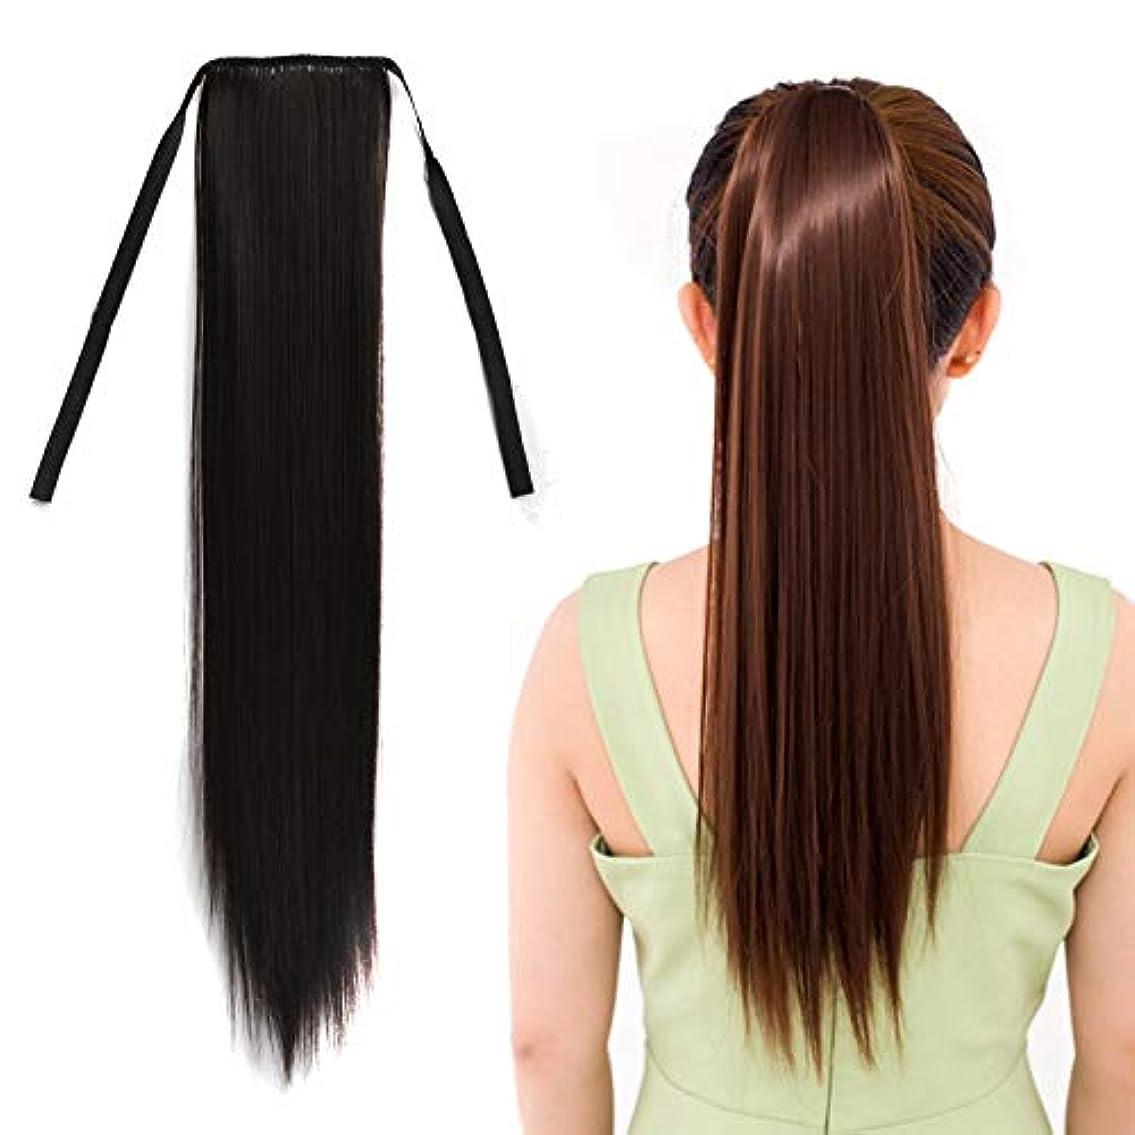 未使用あえて驚くばかりWTYD 美容ヘアツール ナチュラルロングストレートヘアポニーテールBandagestyleウィッグポニーテール、長さ:60cm (色 : Black)